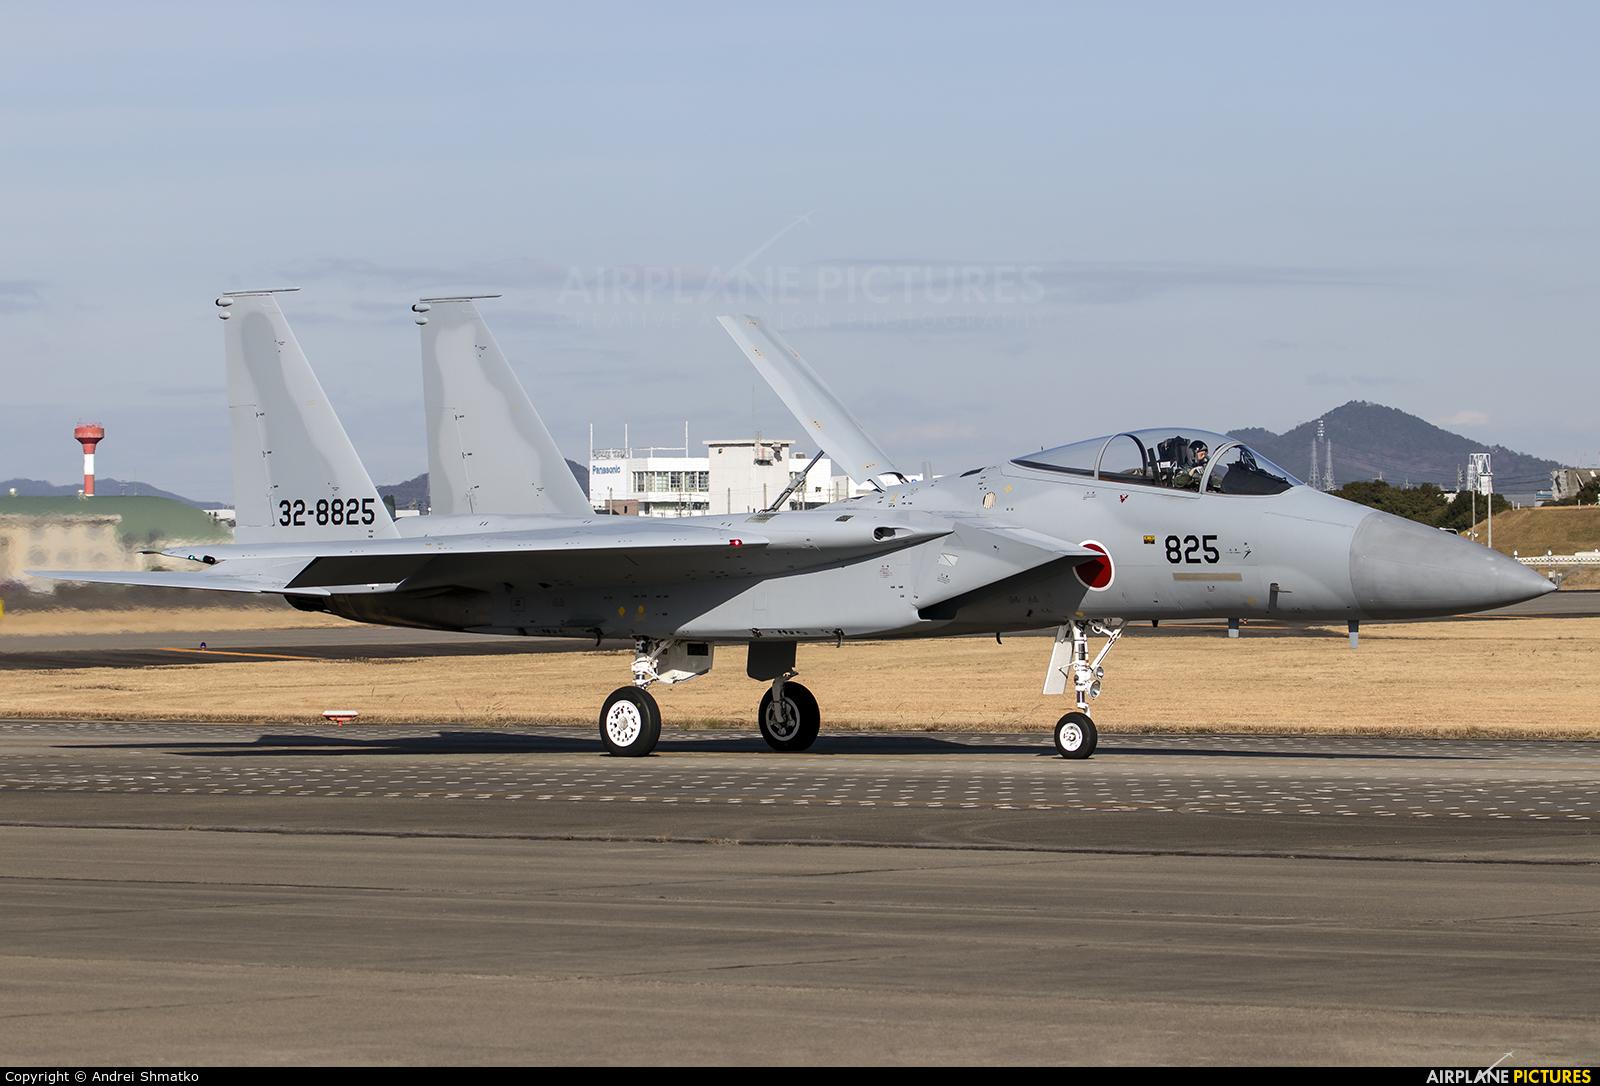 Japan - Air Self Defence Force 32-8825 aircraft at Nagoya - Komaki AB